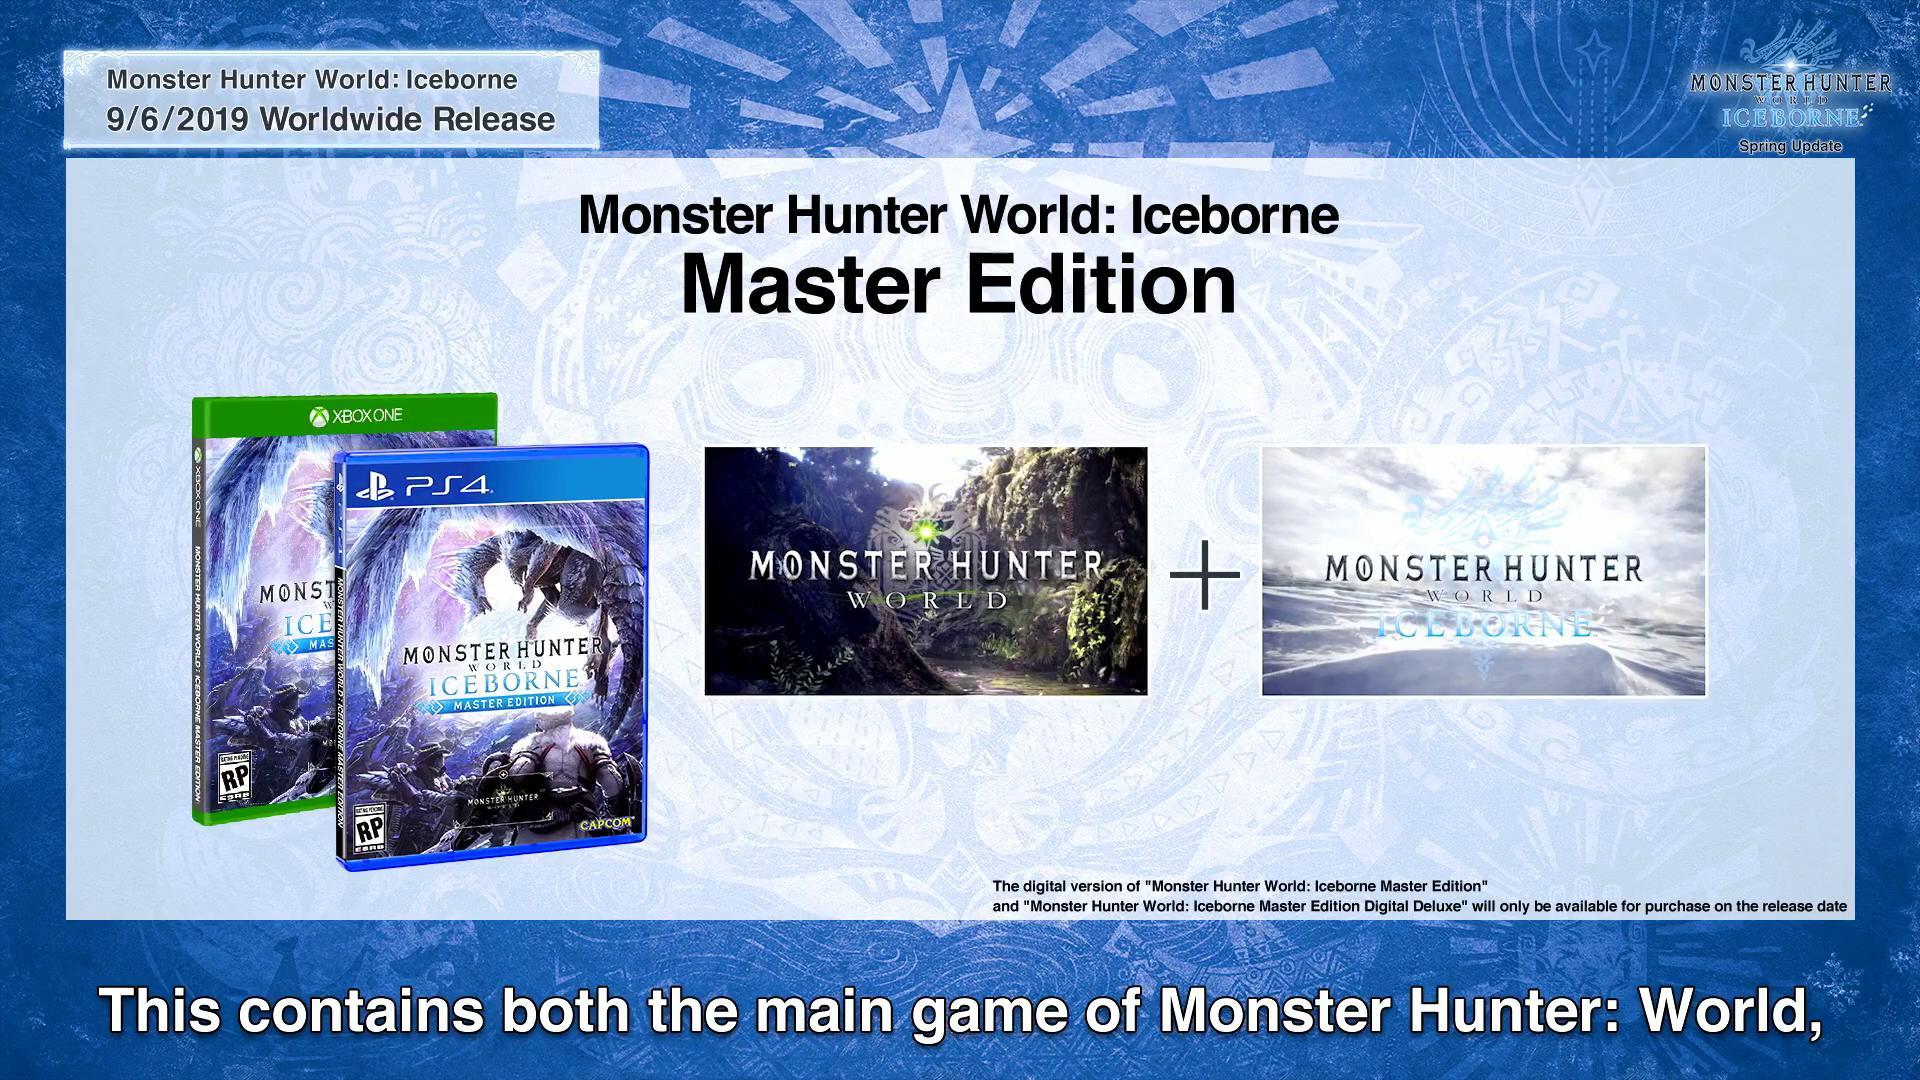 Monster Hunter World: Iceborne launches on September 6 for